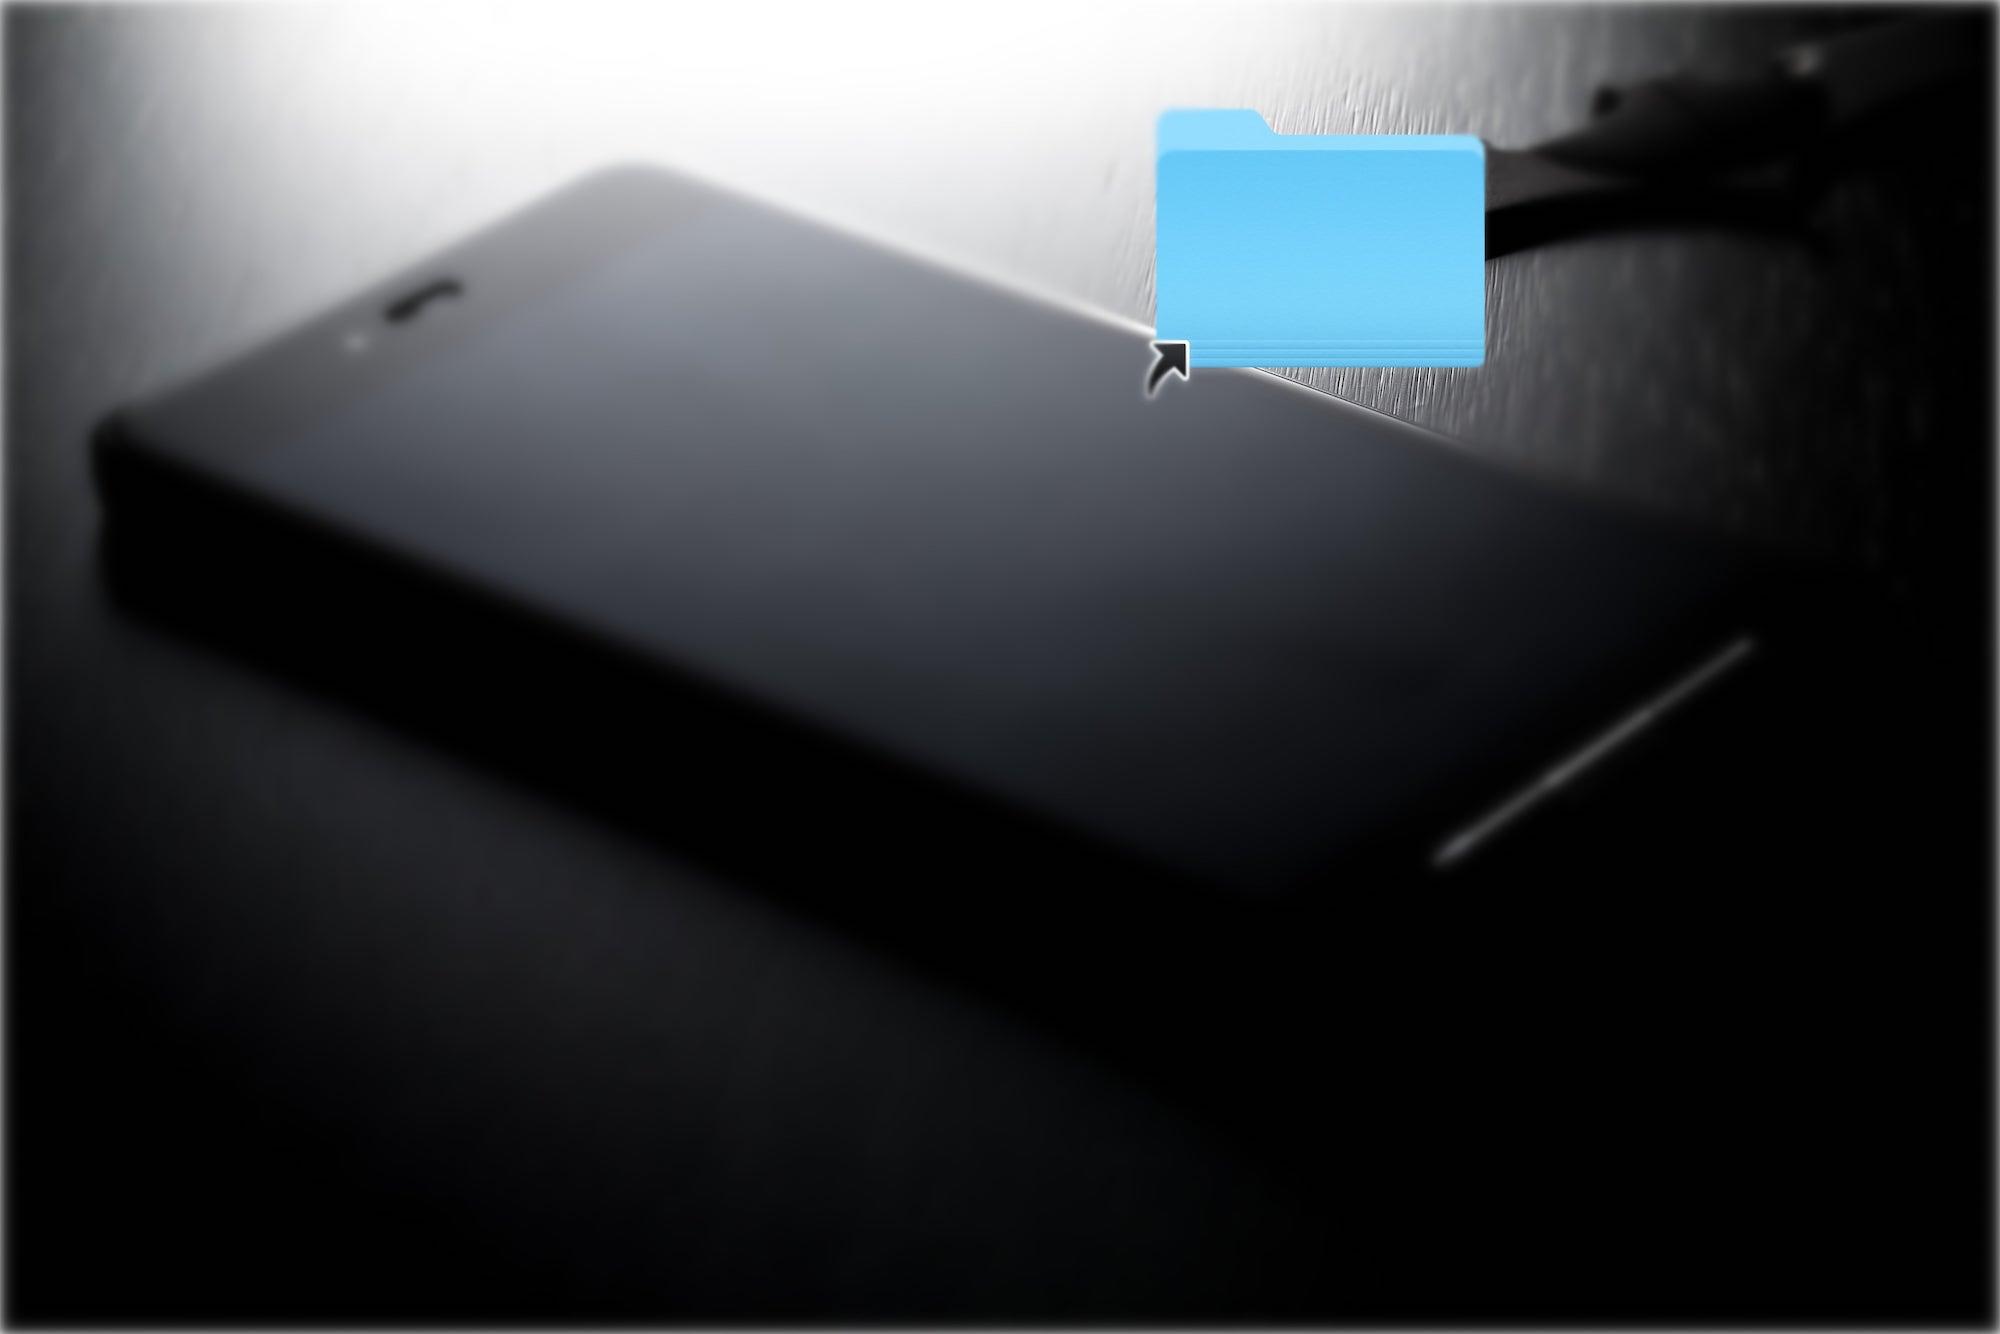 Macで外付けハードディスクにiPhoneのバックアップを作成する方法